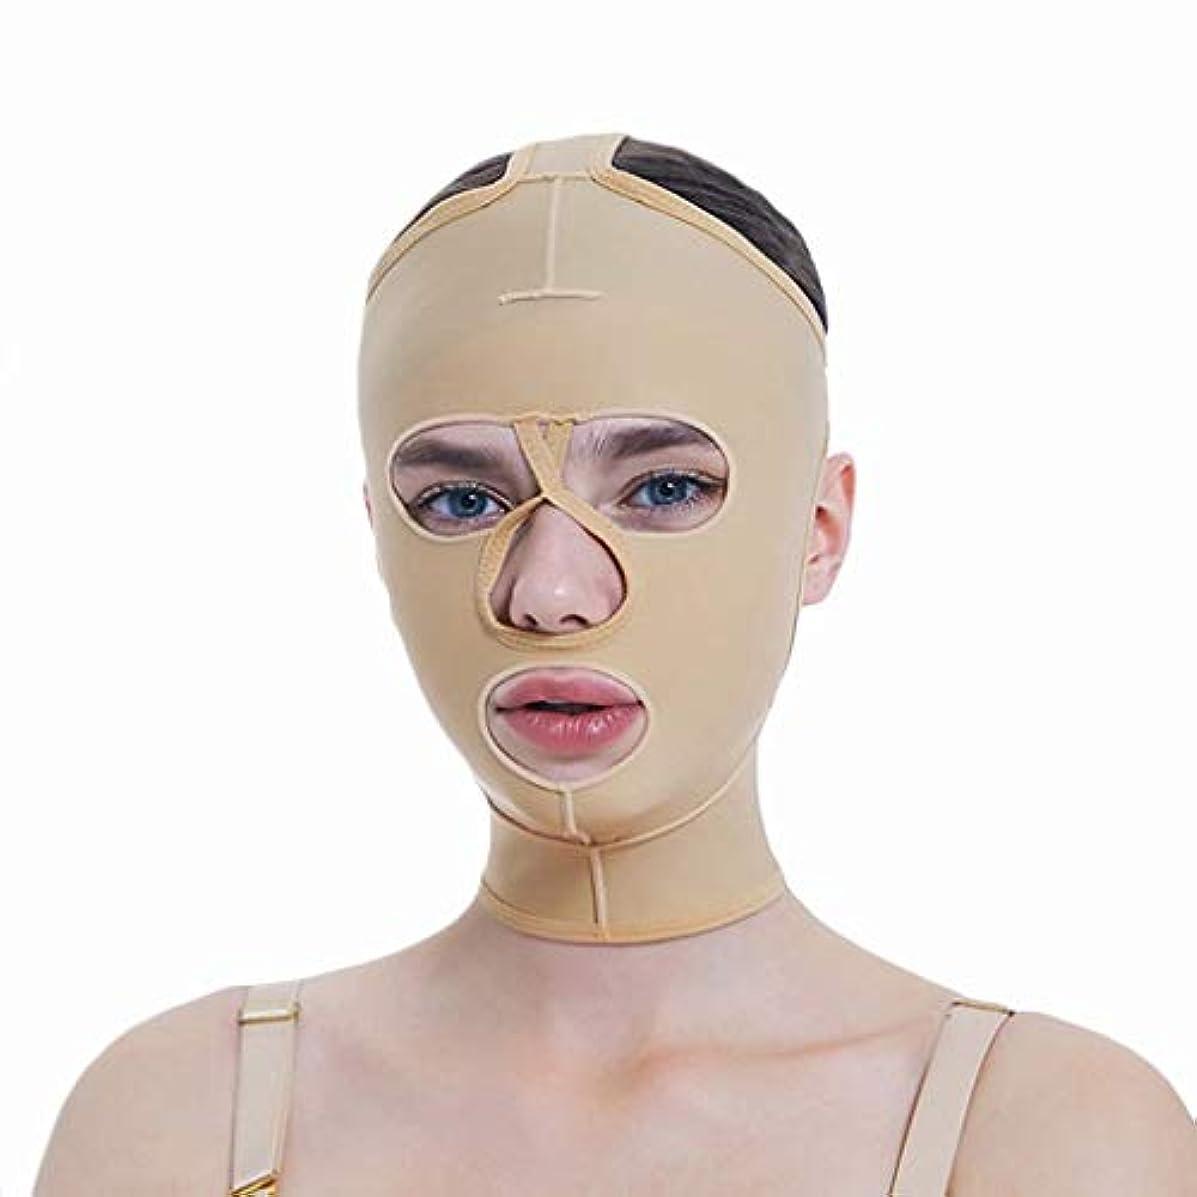 迅速コントローラ晩ごはんフェイシャル減量マスク、フルカバレッジ包帯、フルフェイスリフティングマスク、フェイスマスク、快適で リフティングシェーピング(サイズ:S),ザ?